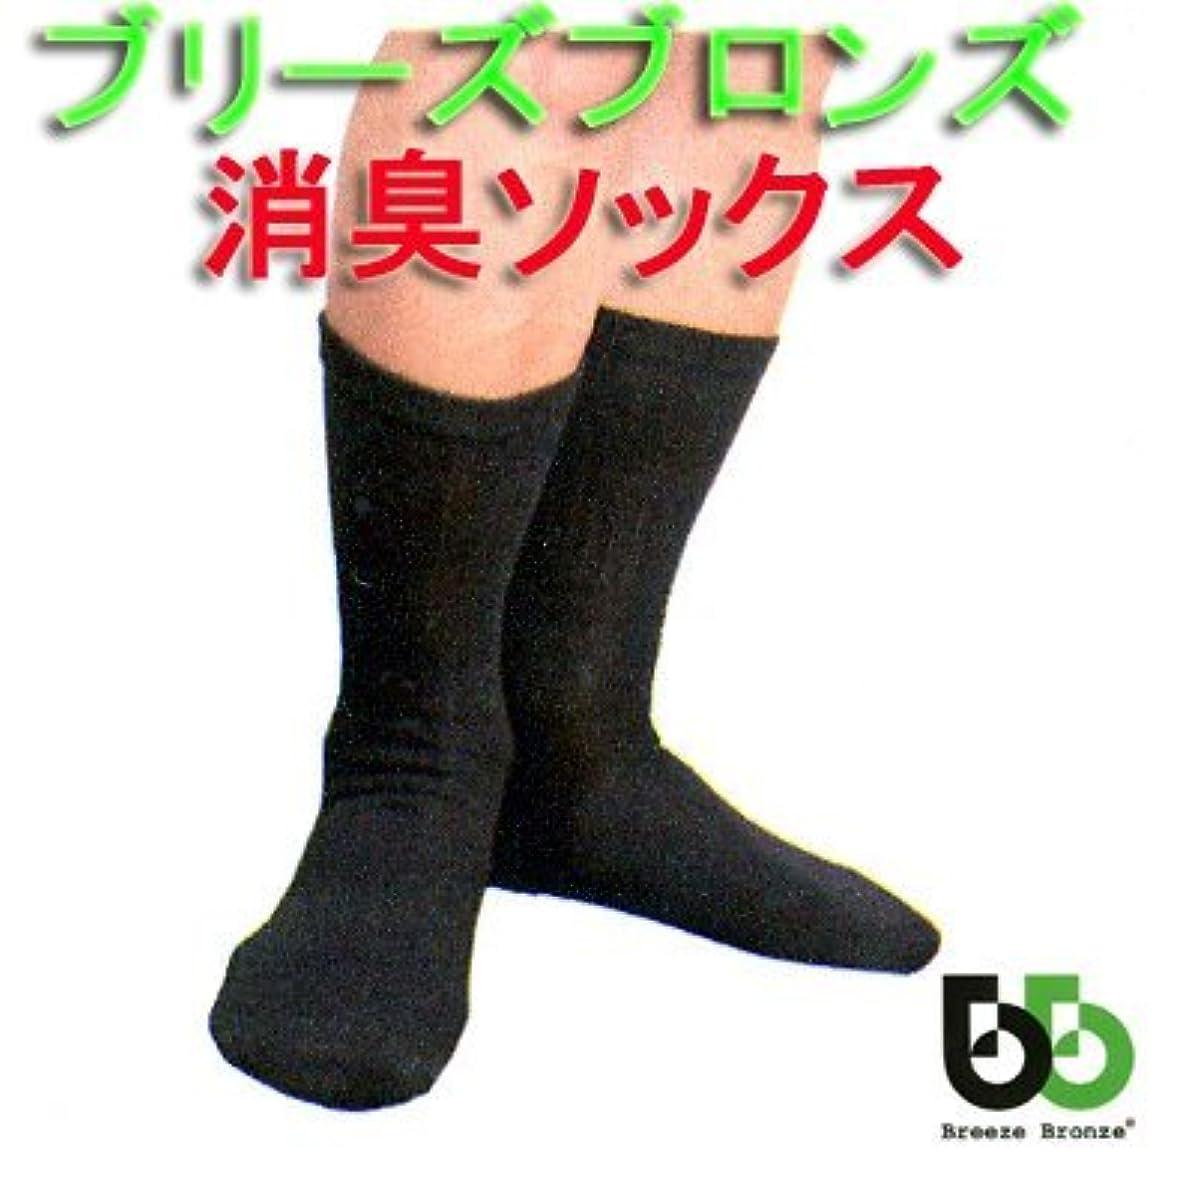 衛星もつれ疾患ブリーズブロンズ 消臭ソックス 消臭靴下メンズMサイズ25~27cm 3枚セット 日本製 日経スペシャル『アジアの風』でテレビ放映!